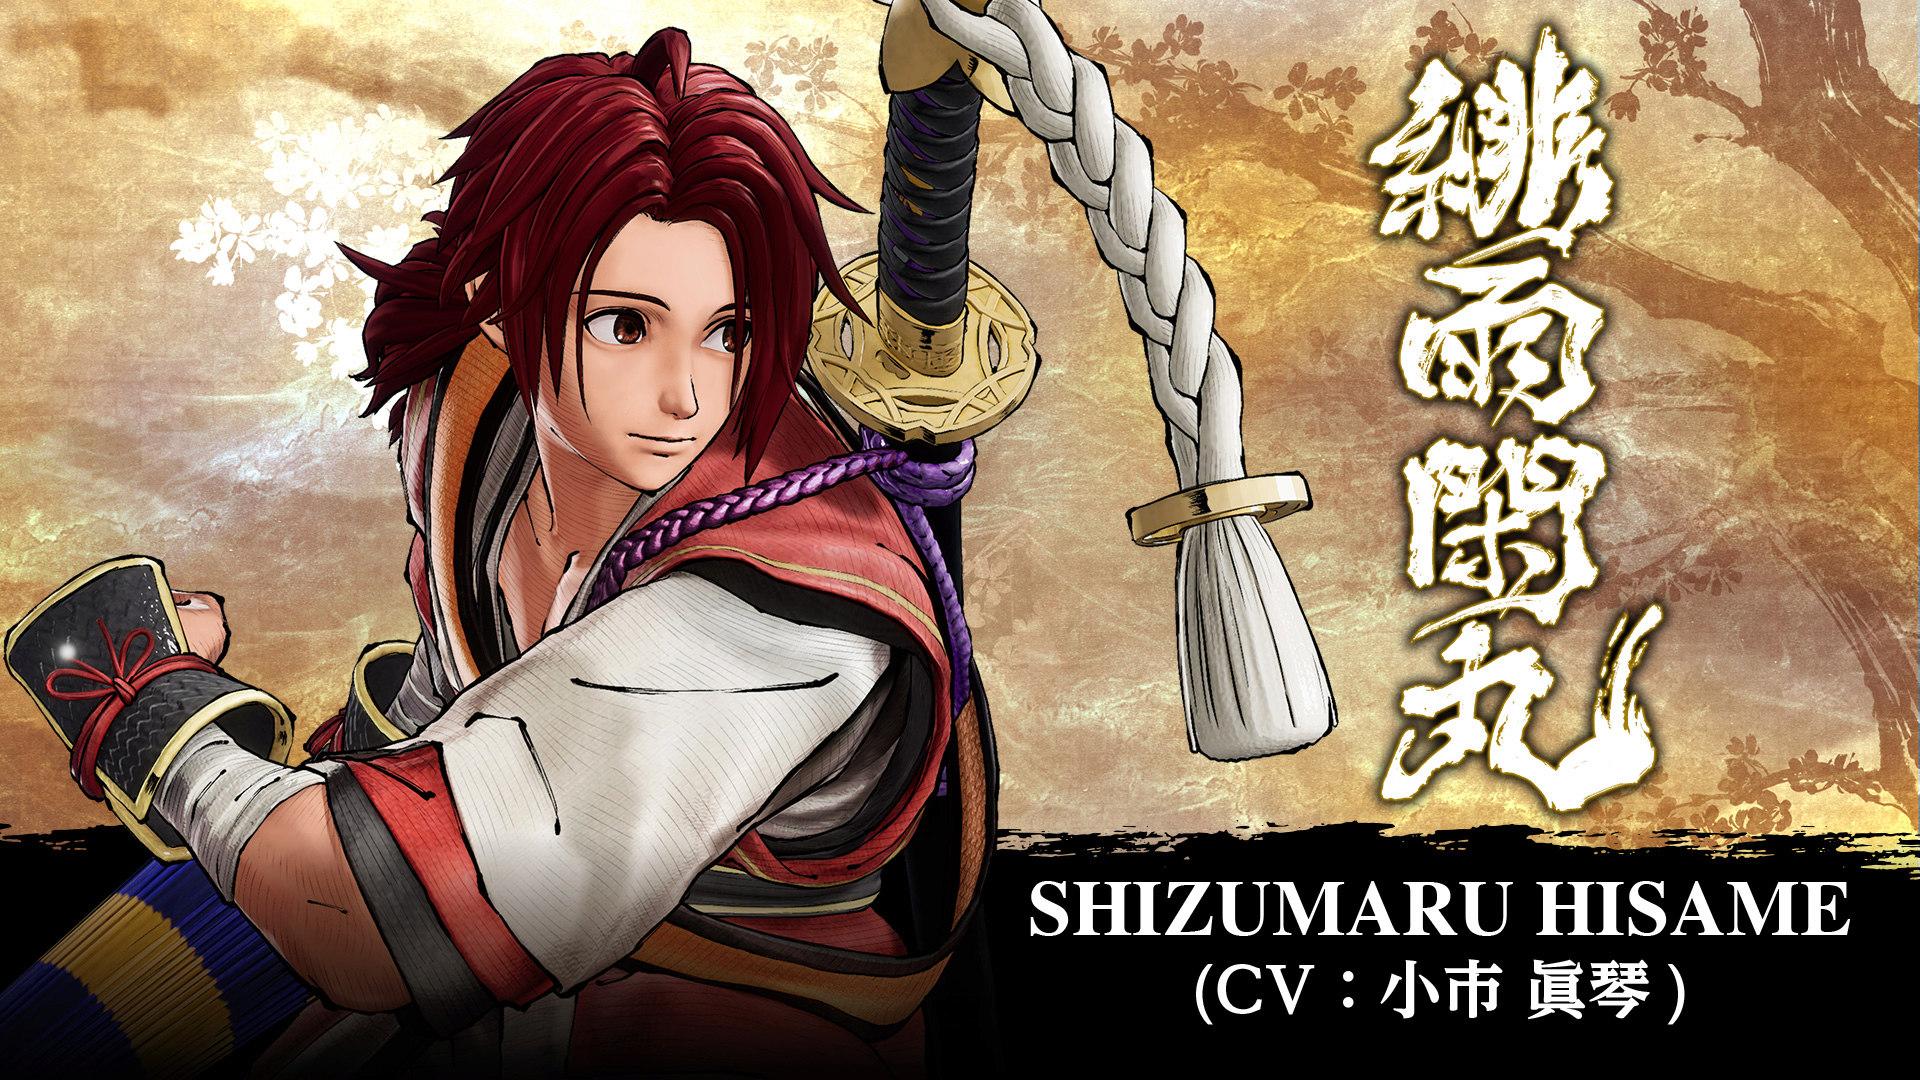 遊戲 - PlayStation®4/Xbox One平台劍戟對戰格鬥遊戲《SAMURAI SHODOWN》 免費DLC追加角色「緋雨 閑丸」9月17日開放下載! Shizum10